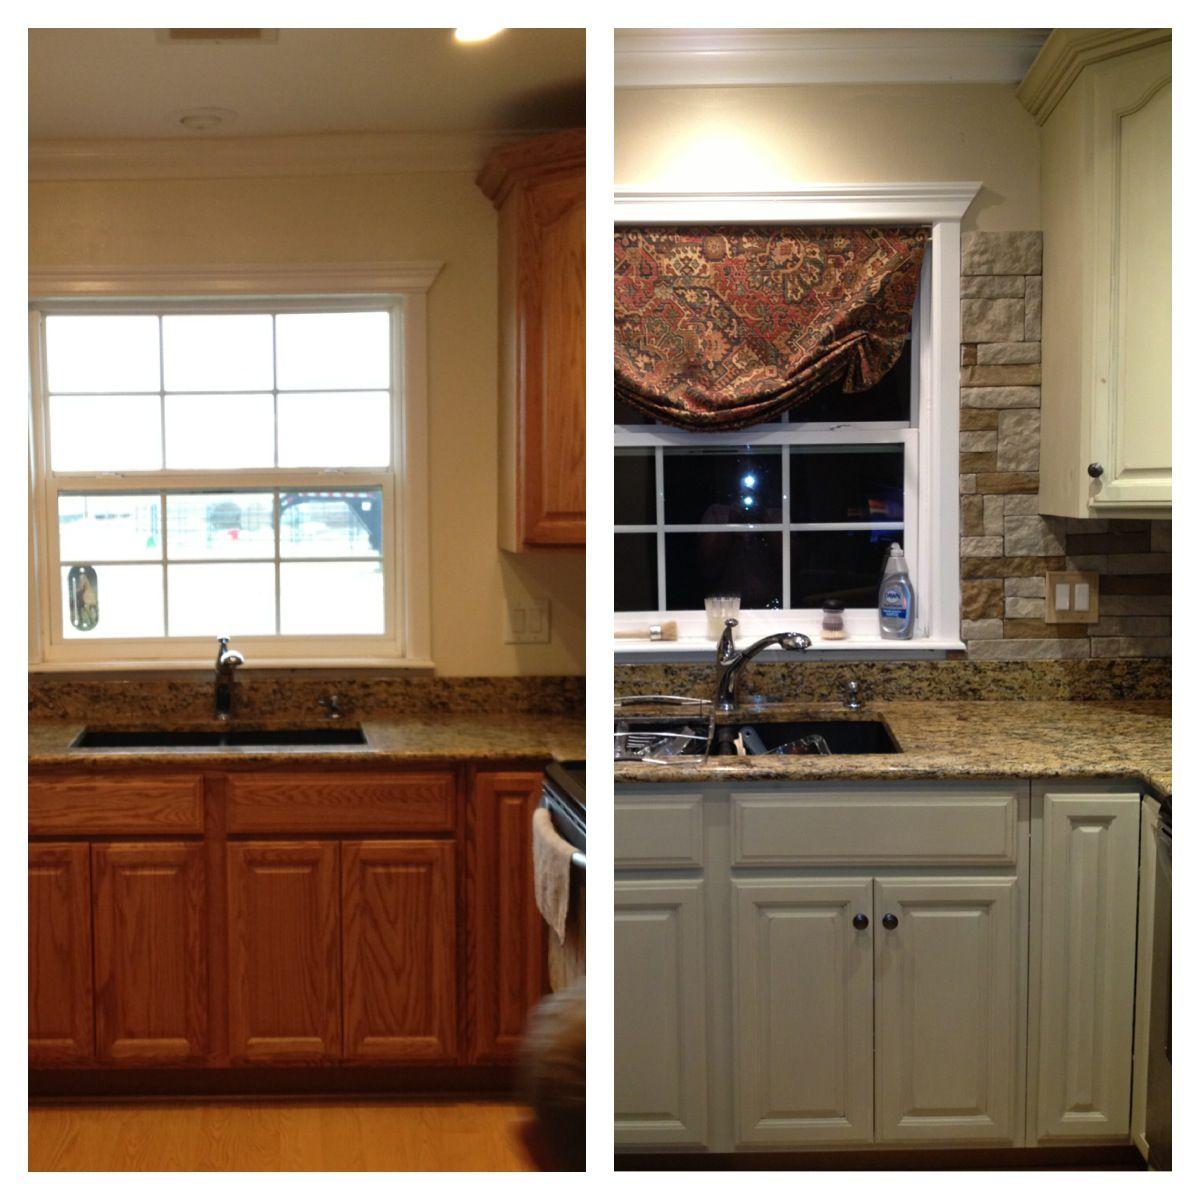 My Kitchen update...Annie sloan chalk paint on